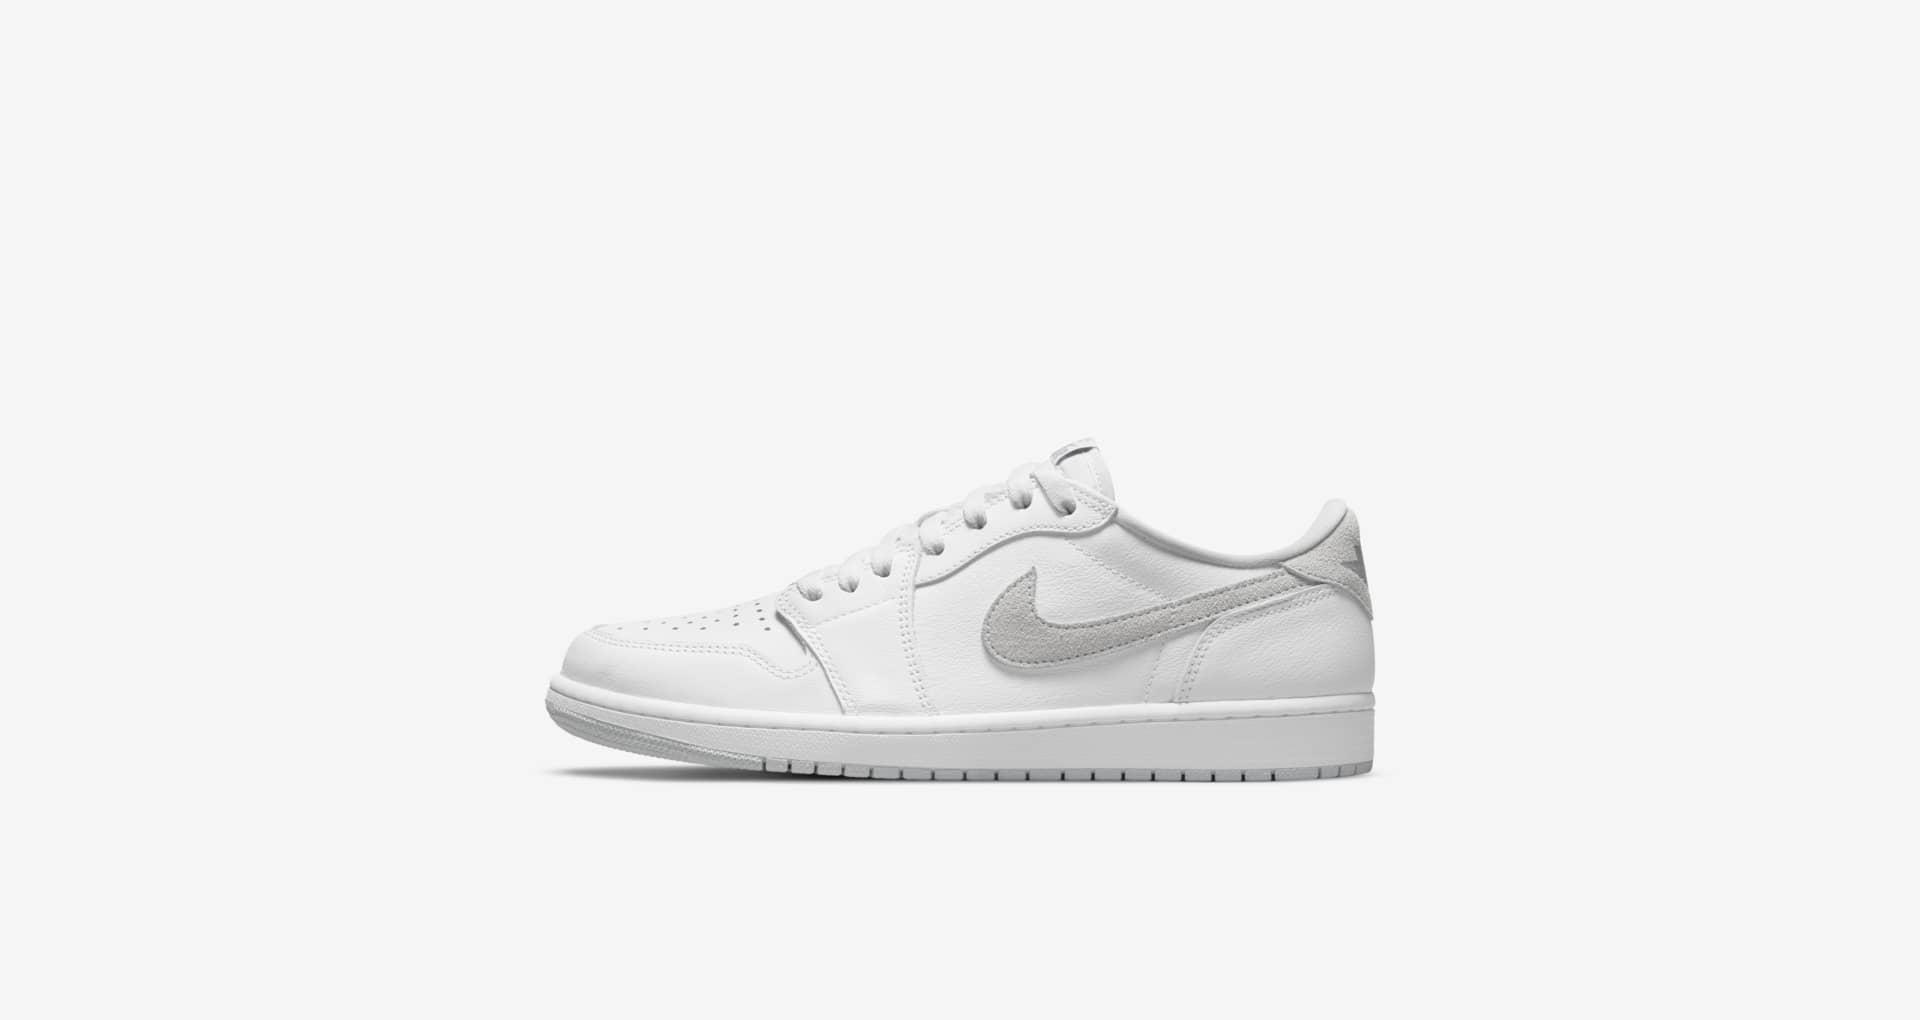 Jordan,Air Jordan 1 Low,AJ1,CZ  明日发售提醒!「 Vibe 风小白鞋」AJ1 Low 已上架 SNKRS!